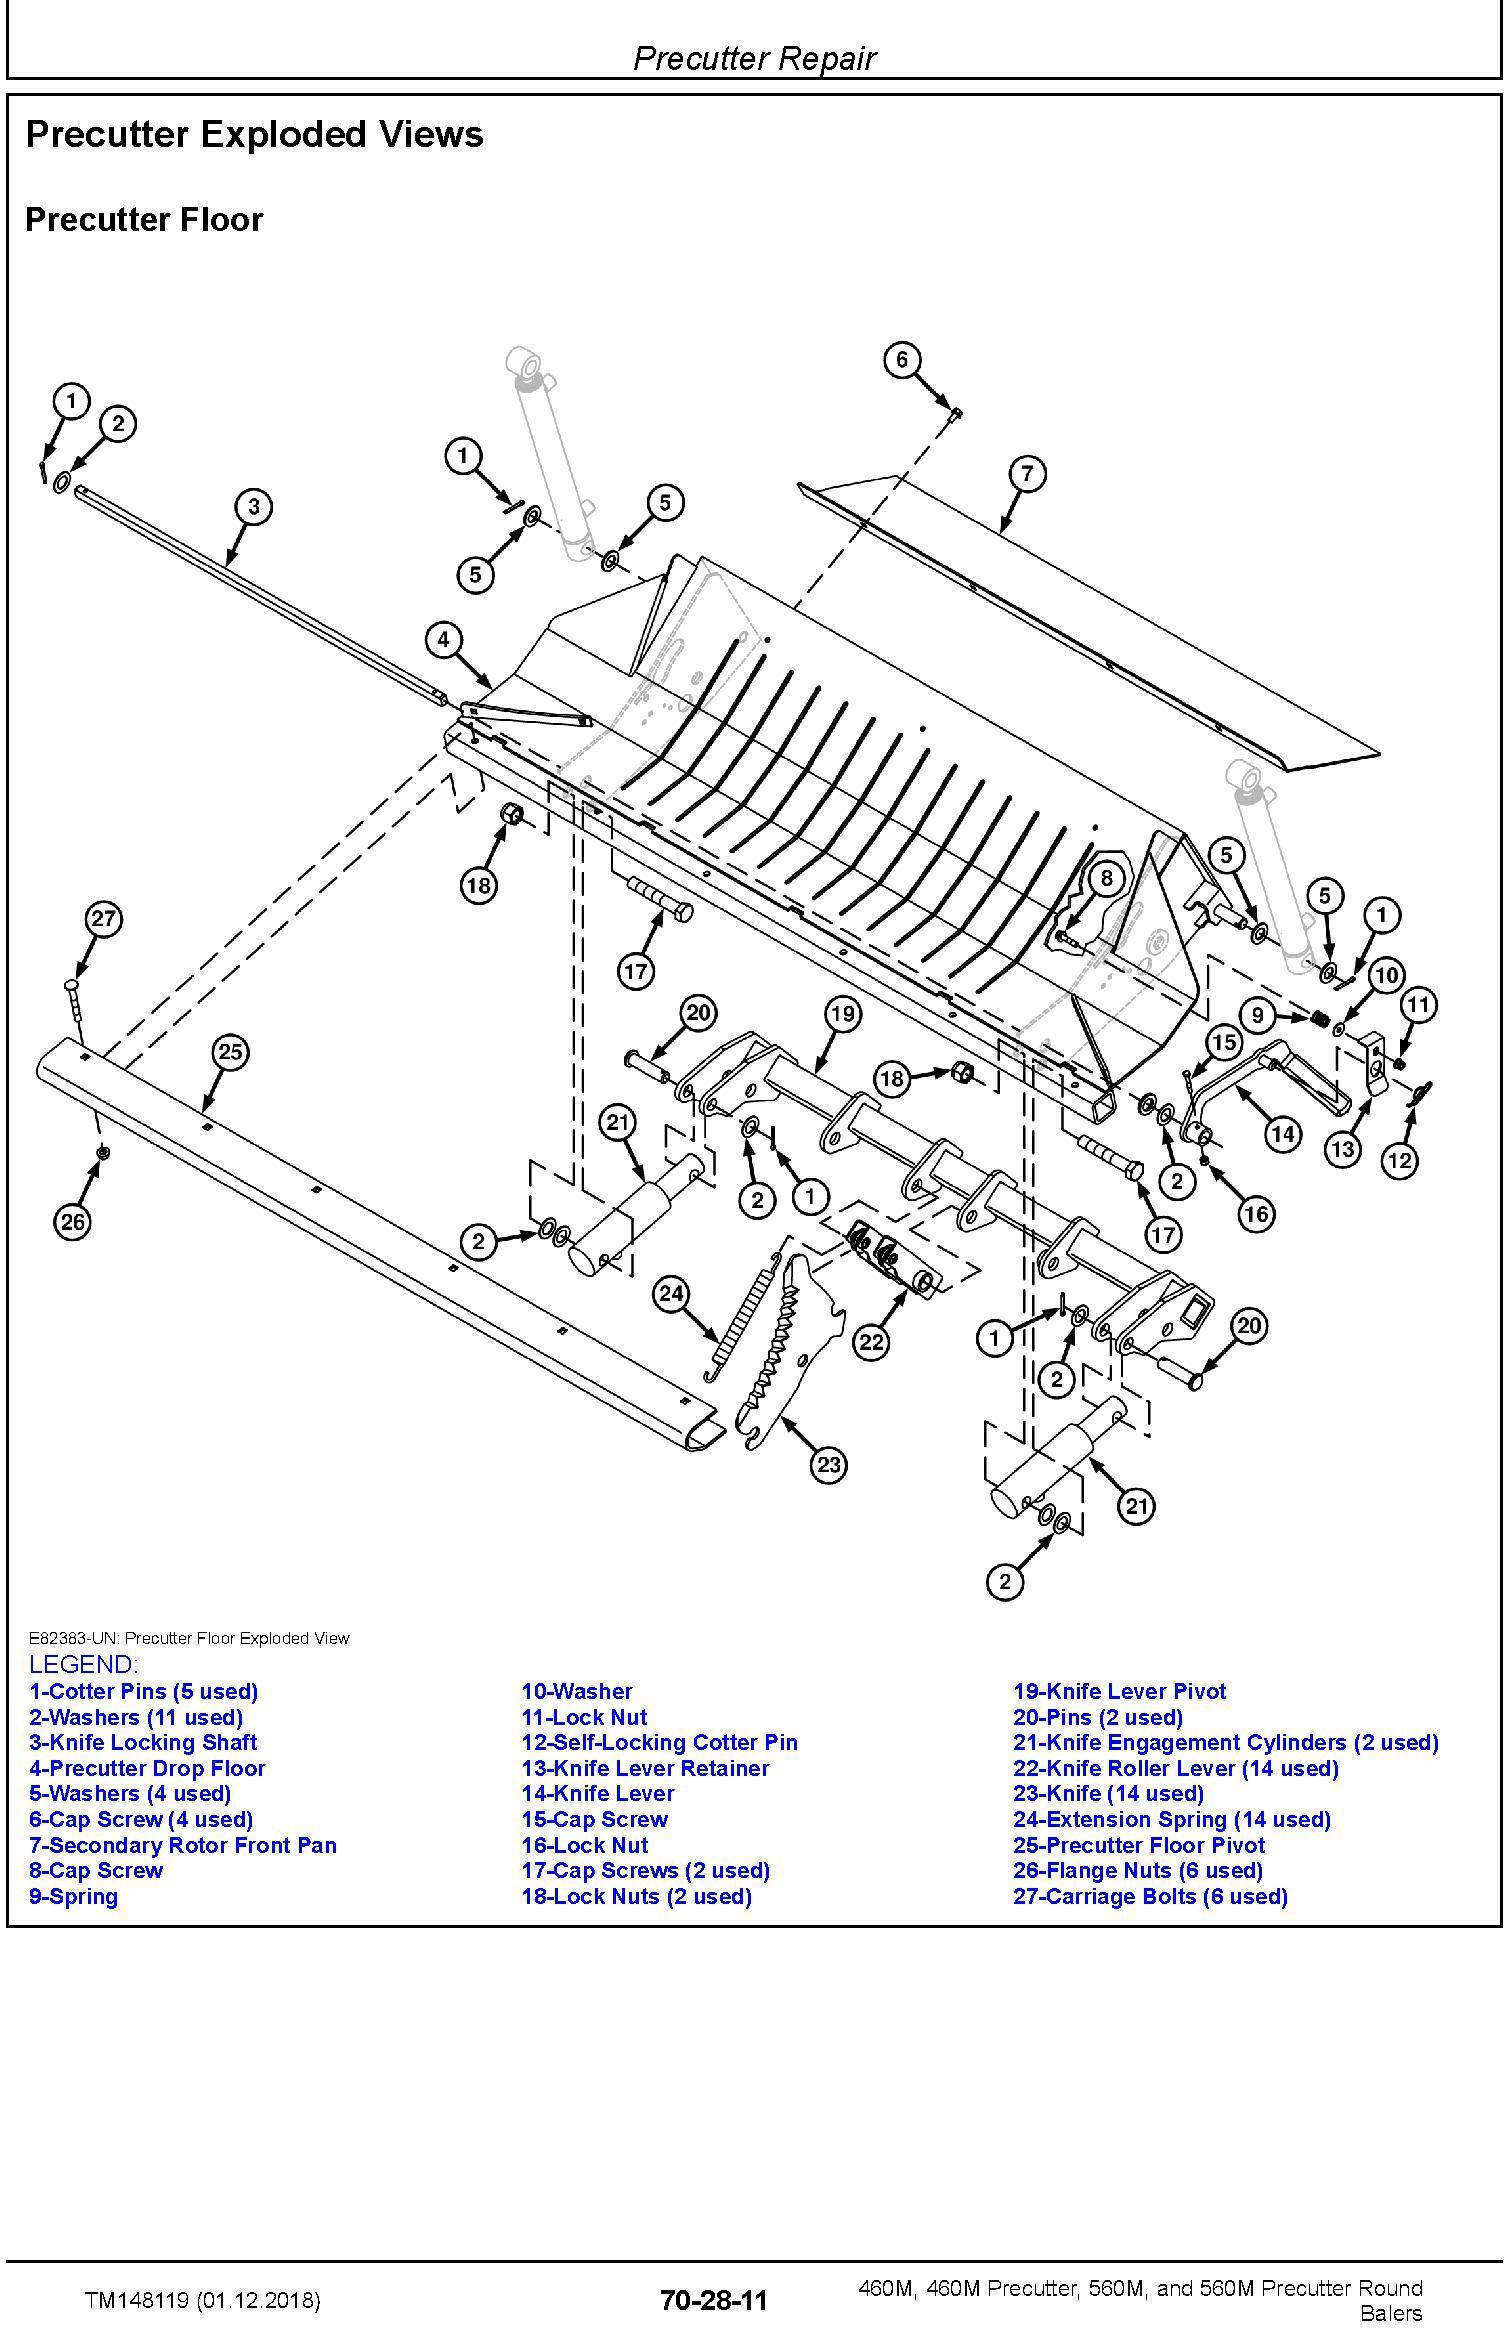 John Deere 460M, 460M Precutter, 560M, and 560M Precutter Round Balers Technical Manual (TM148119) - 3